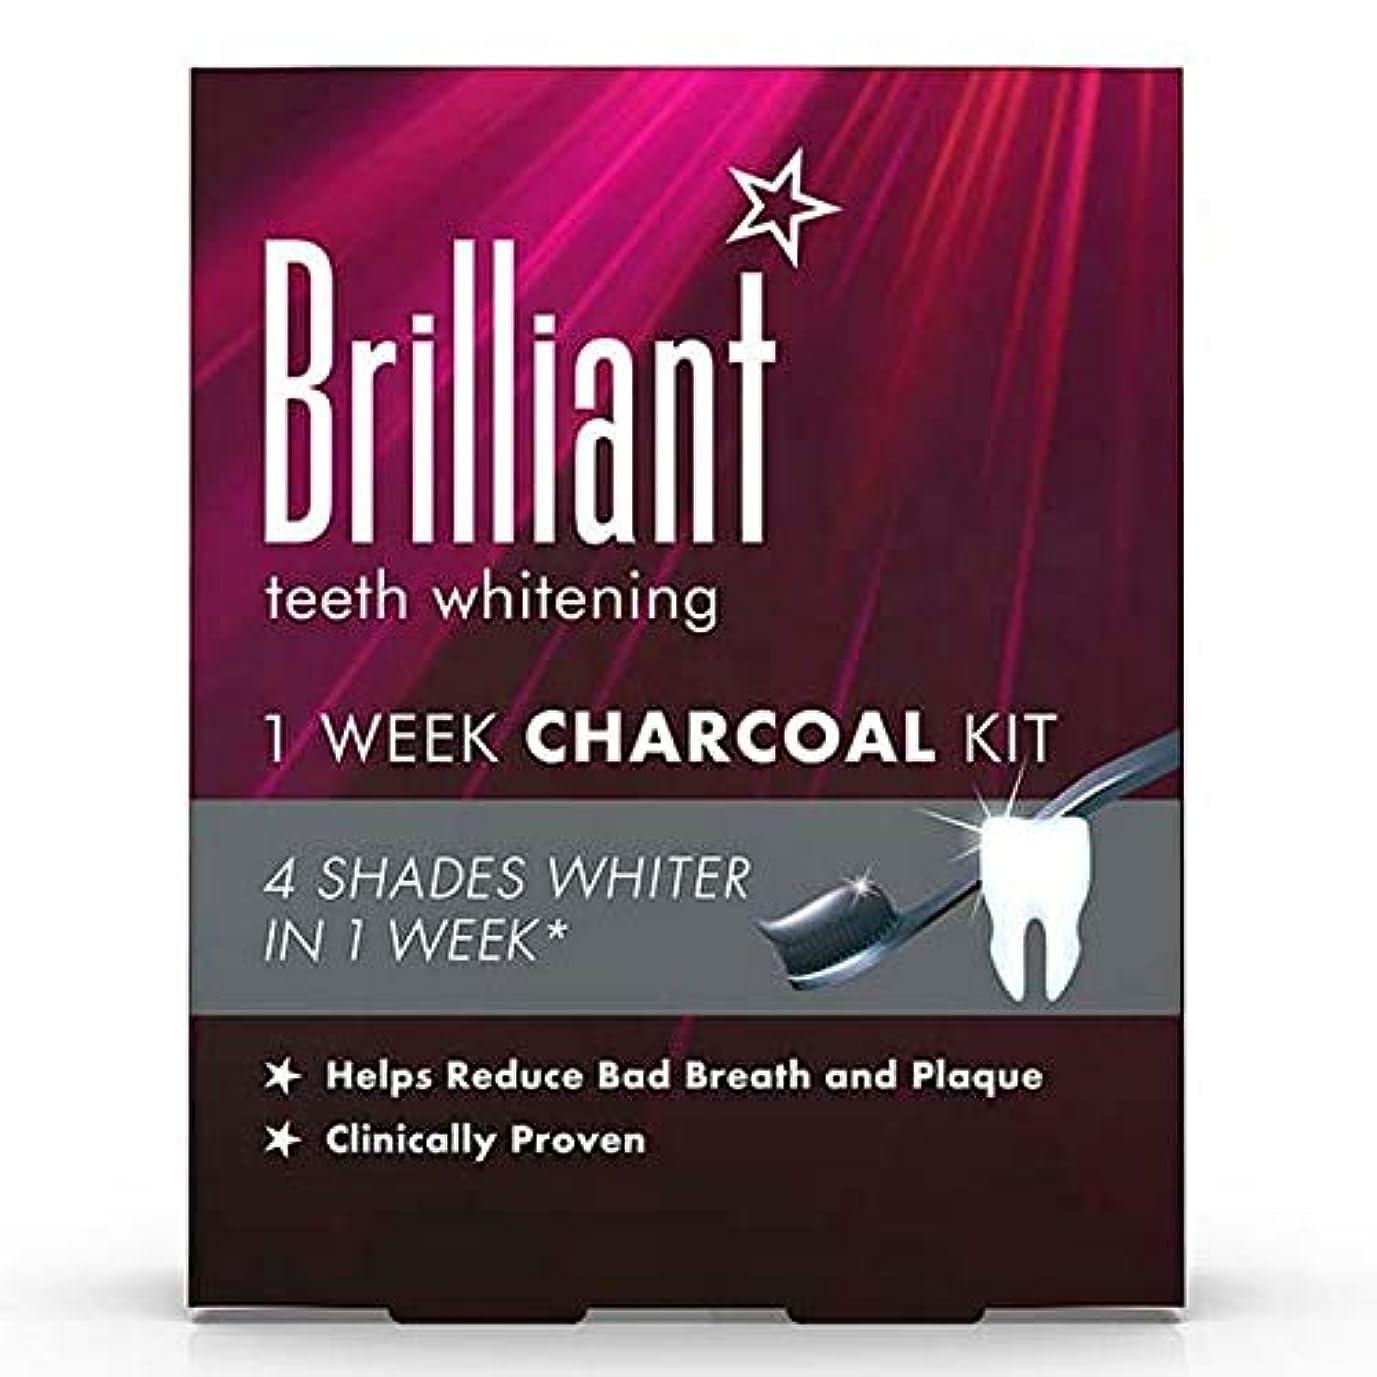 宣言するヒューズ被る[Brilliant ] 華麗なホワイトニング1週間木炭キット - Brilliant Whitening 1 Week Charcoal Kit [並行輸入品]